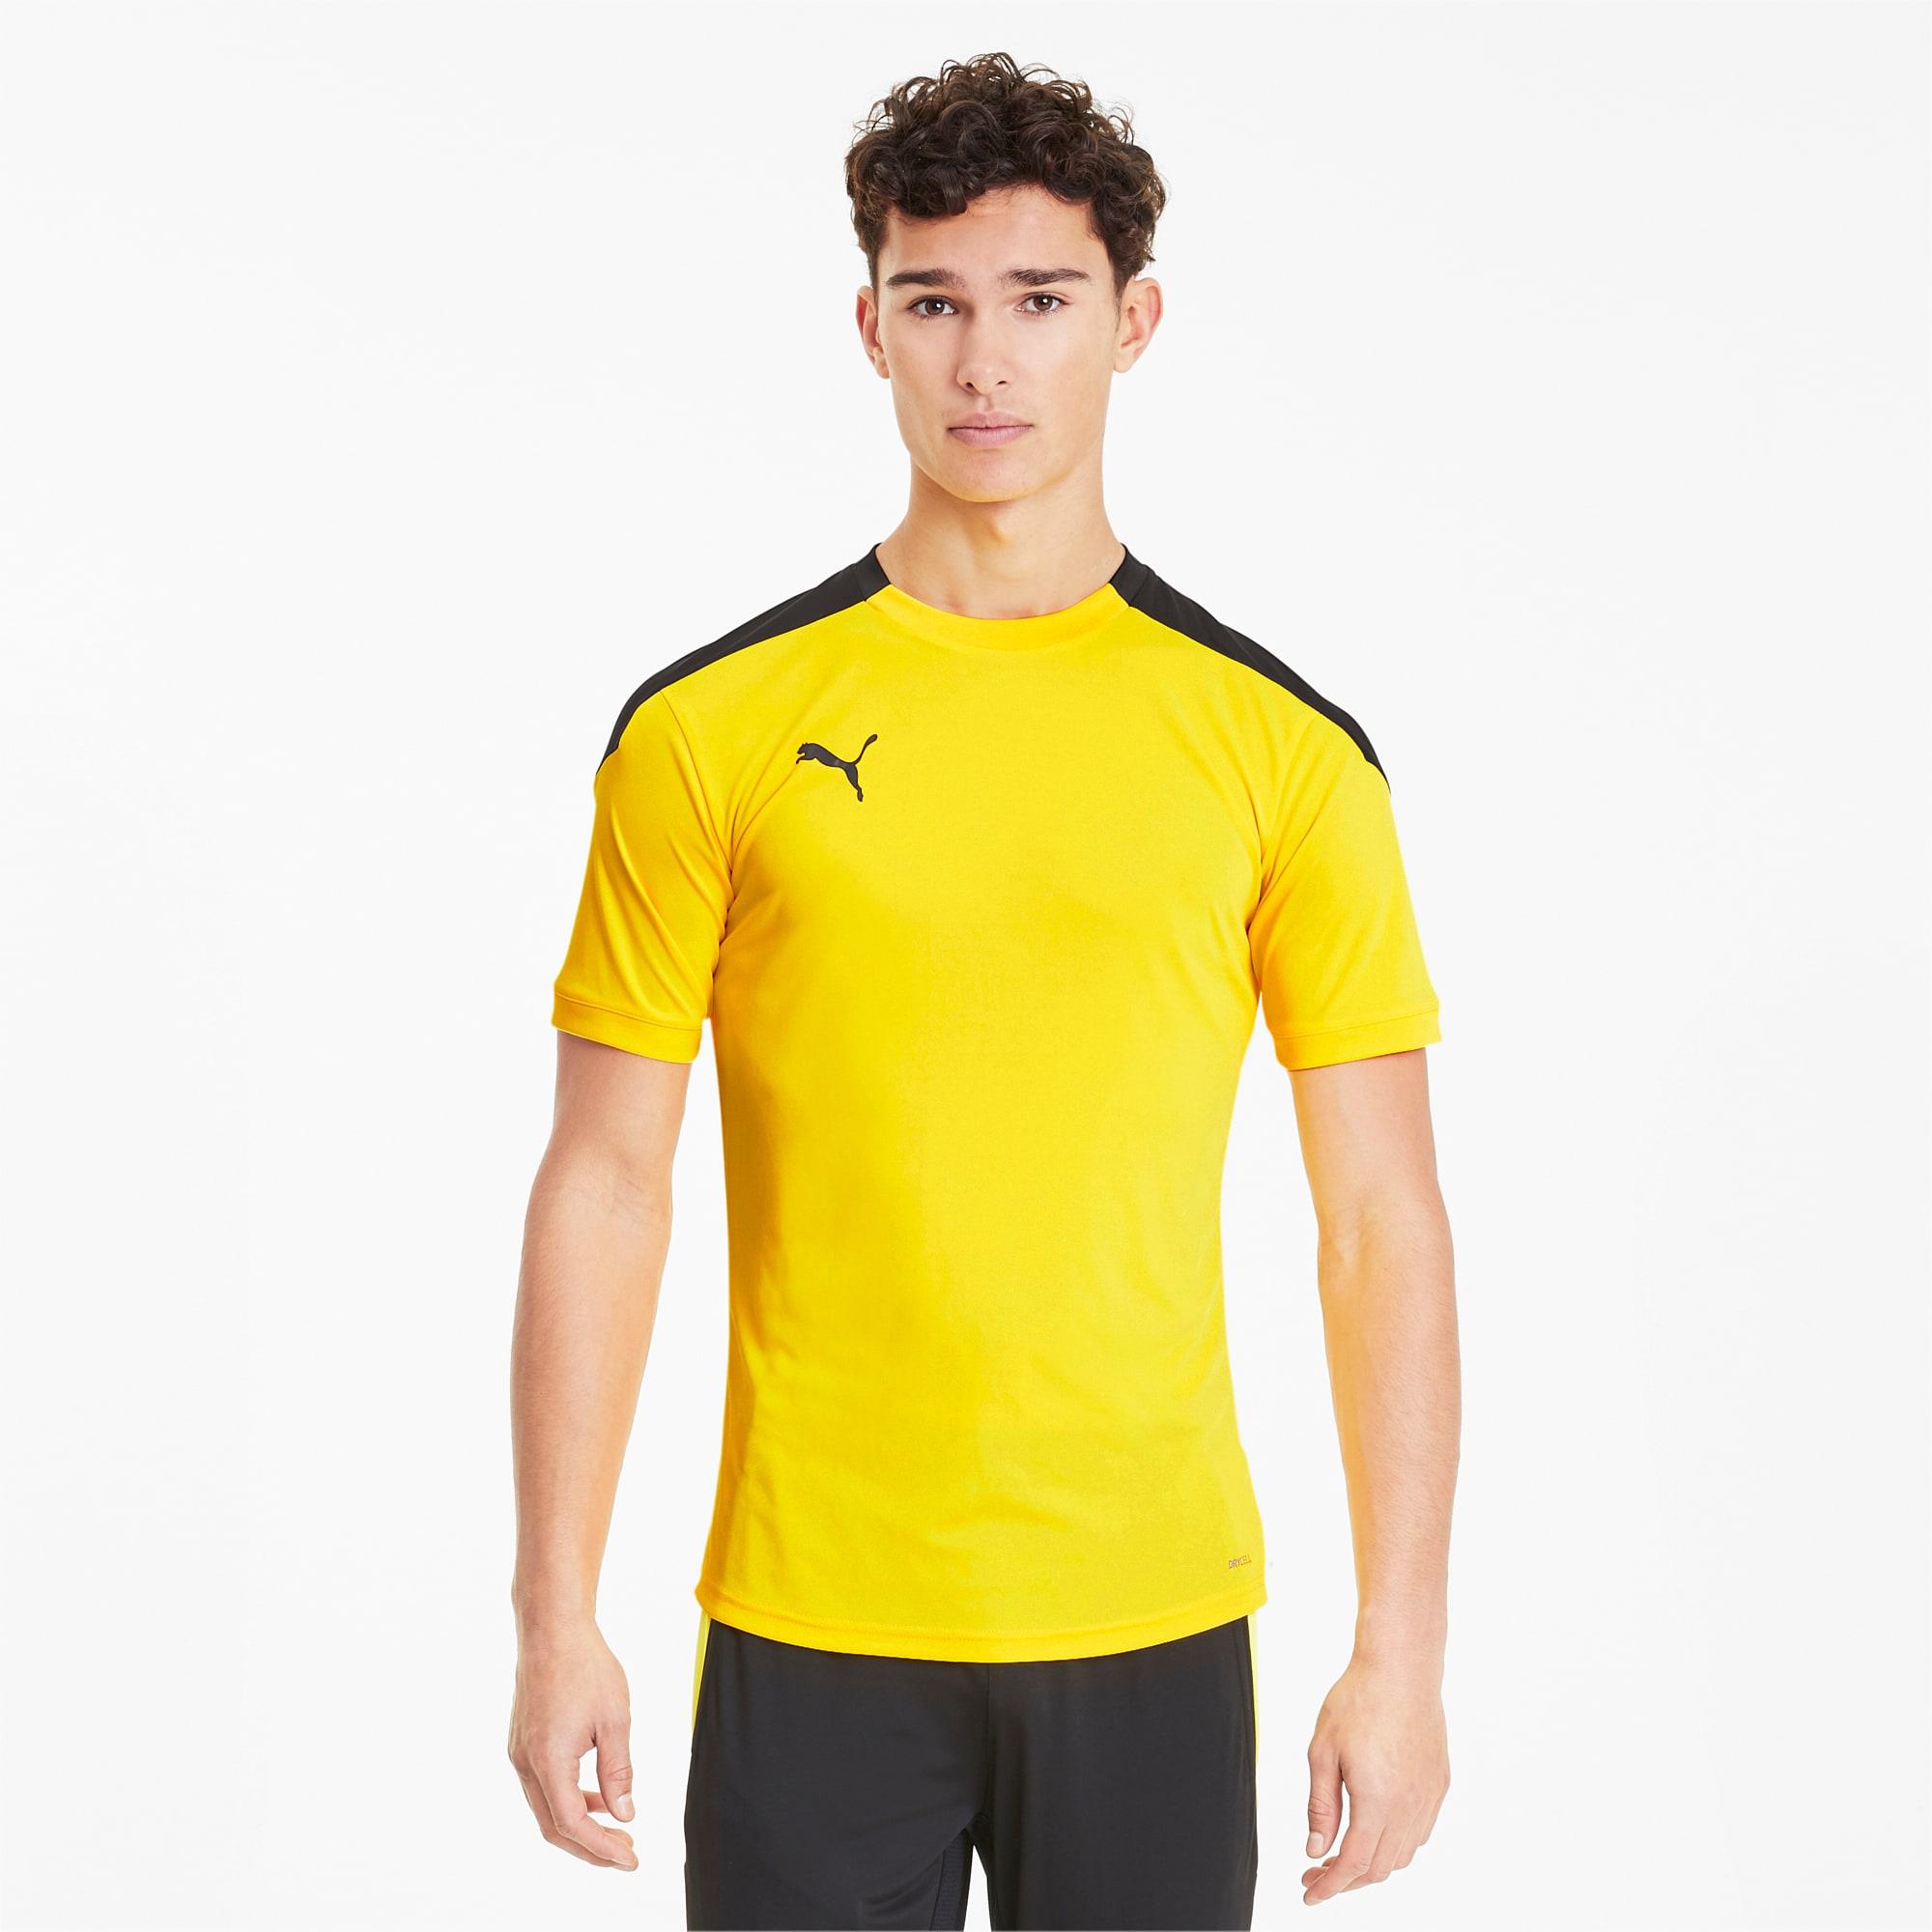 PUMA T-Shirt ftblNXT pour Homme, Jaune/Noir, Taille XL, Vêtements